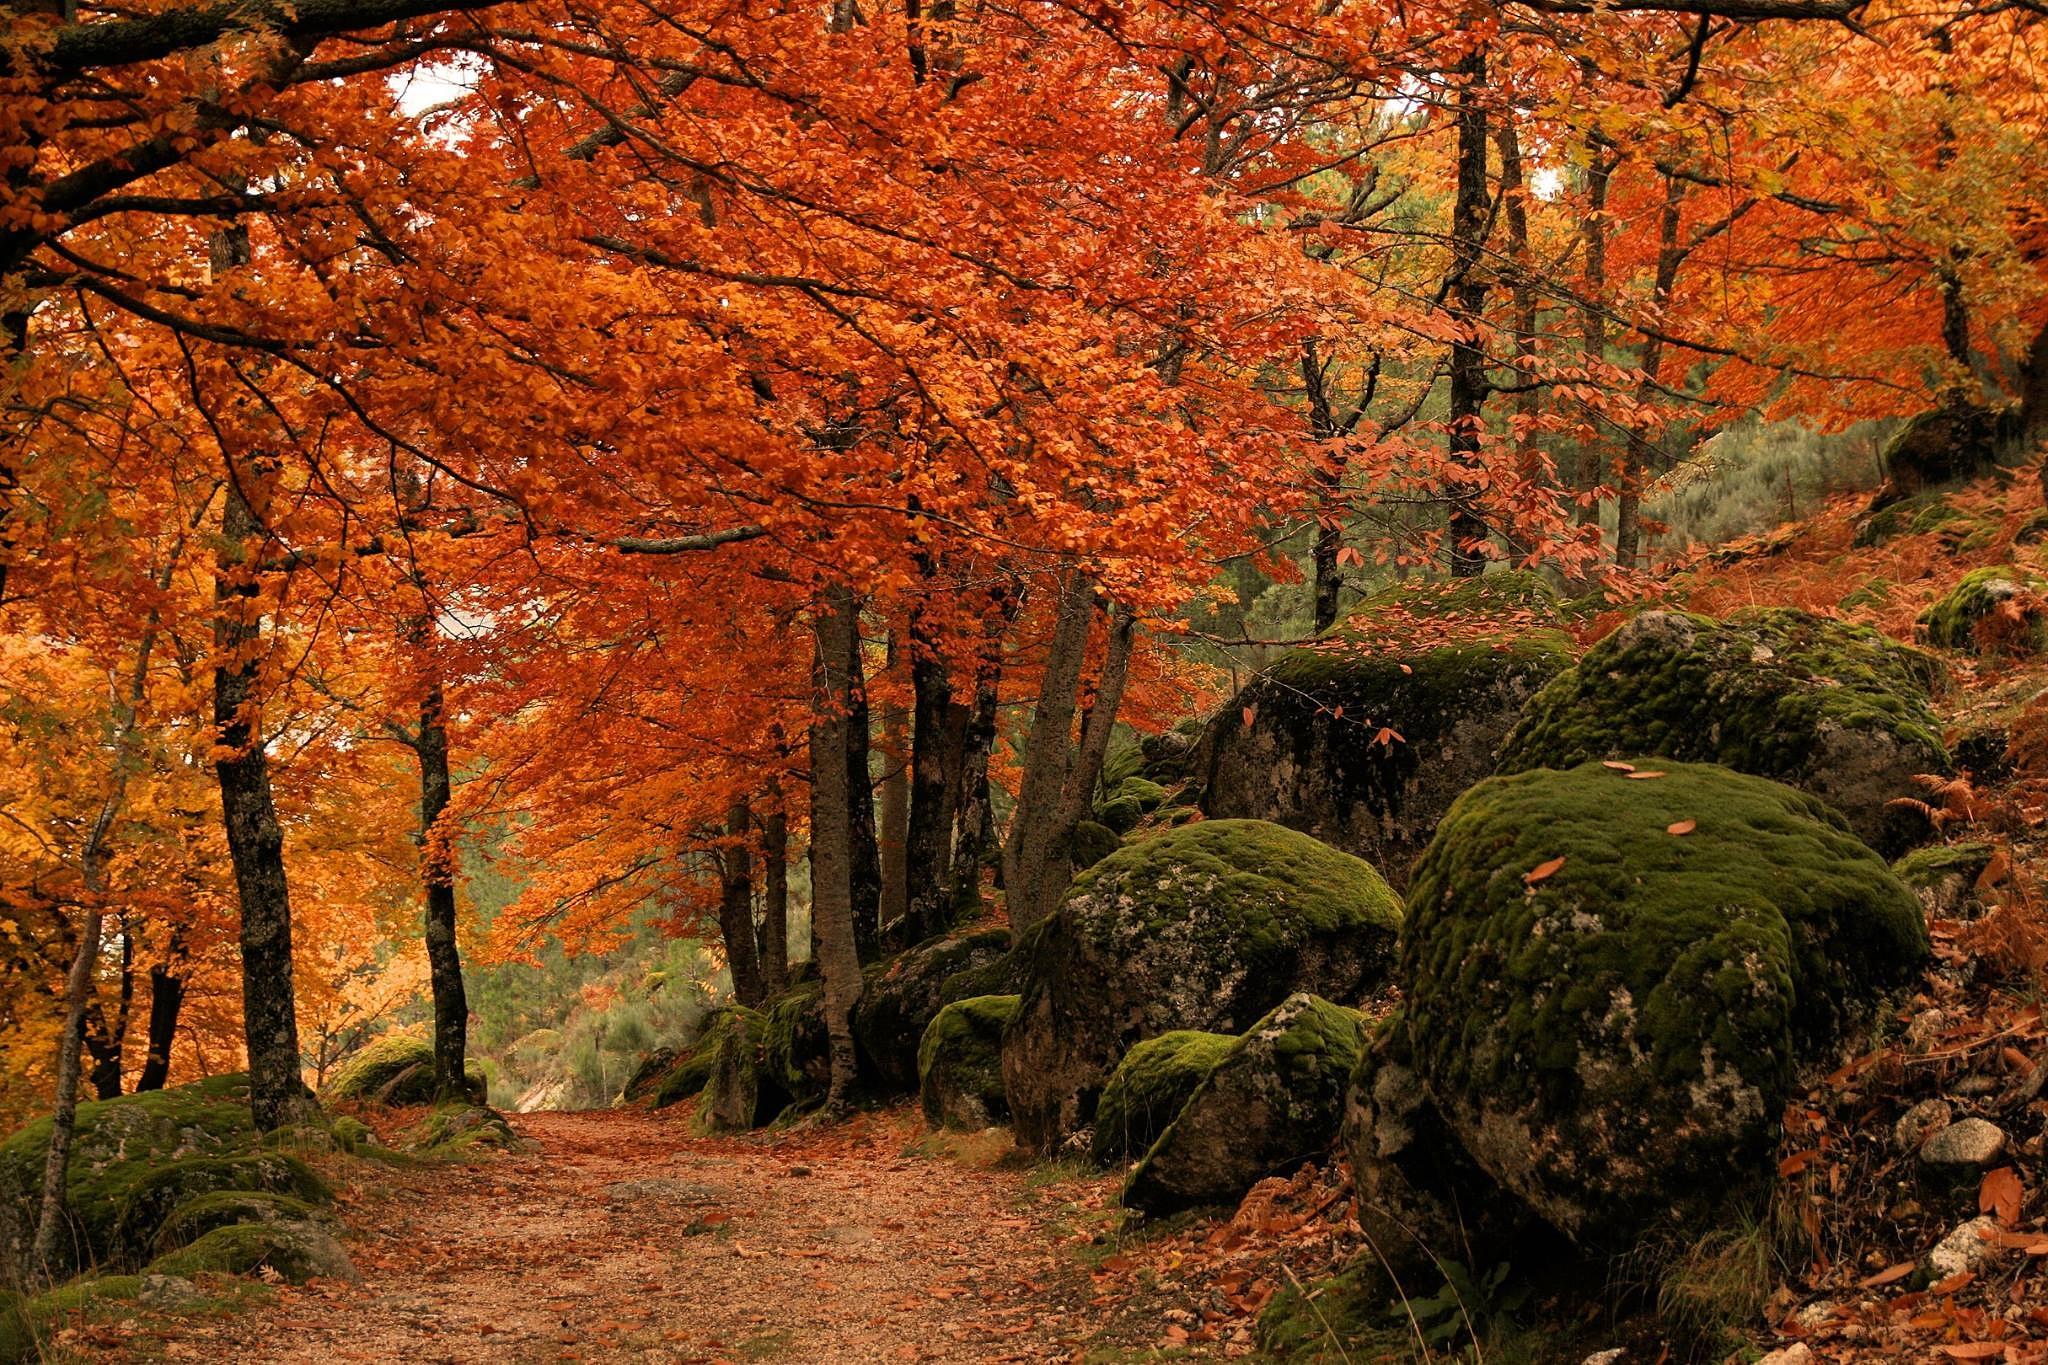 Outono na Serra da Estrela by Ed_von_Ems